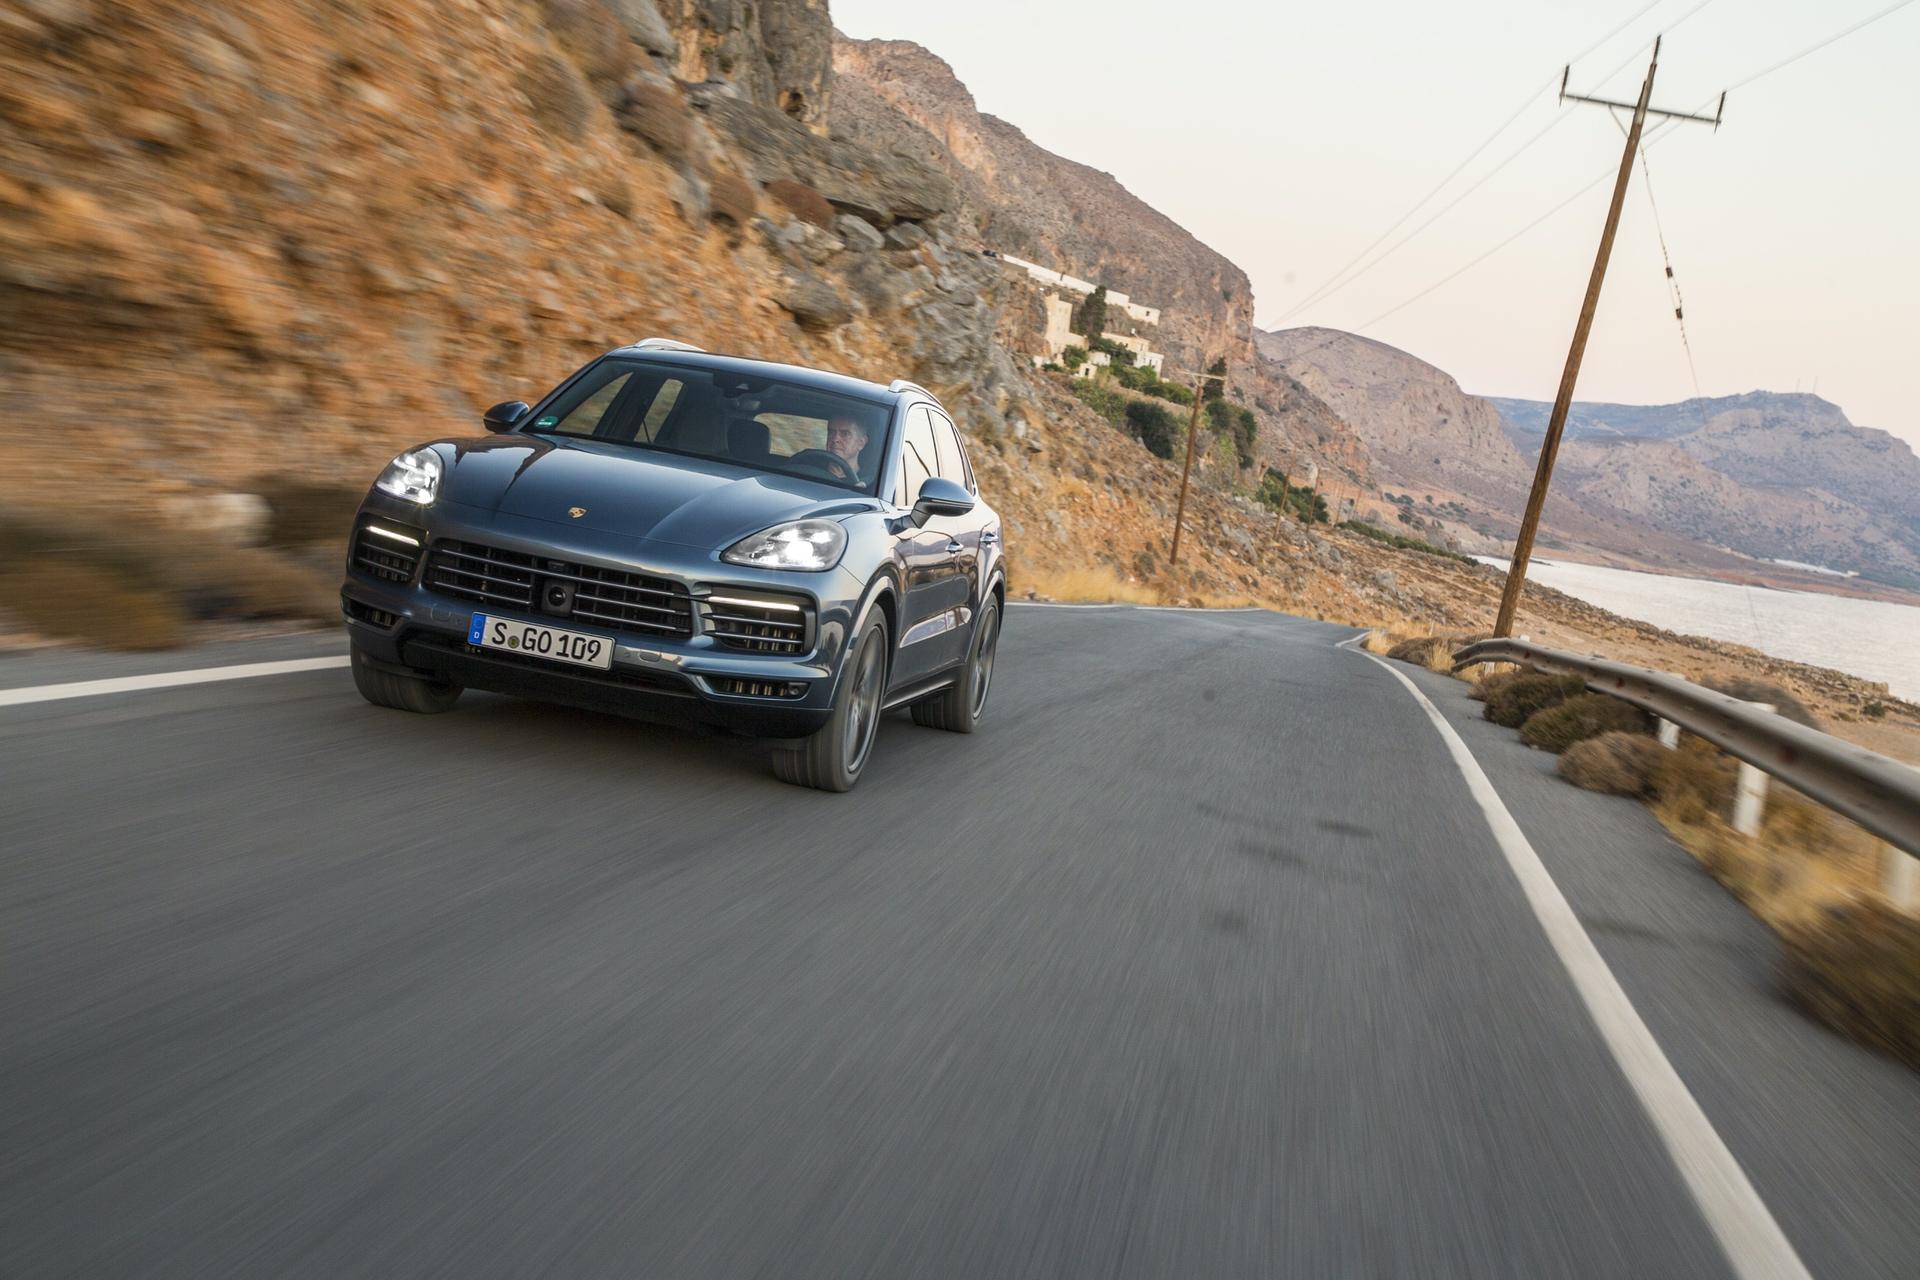 Test_Drive_Porsche_Cayenne_299